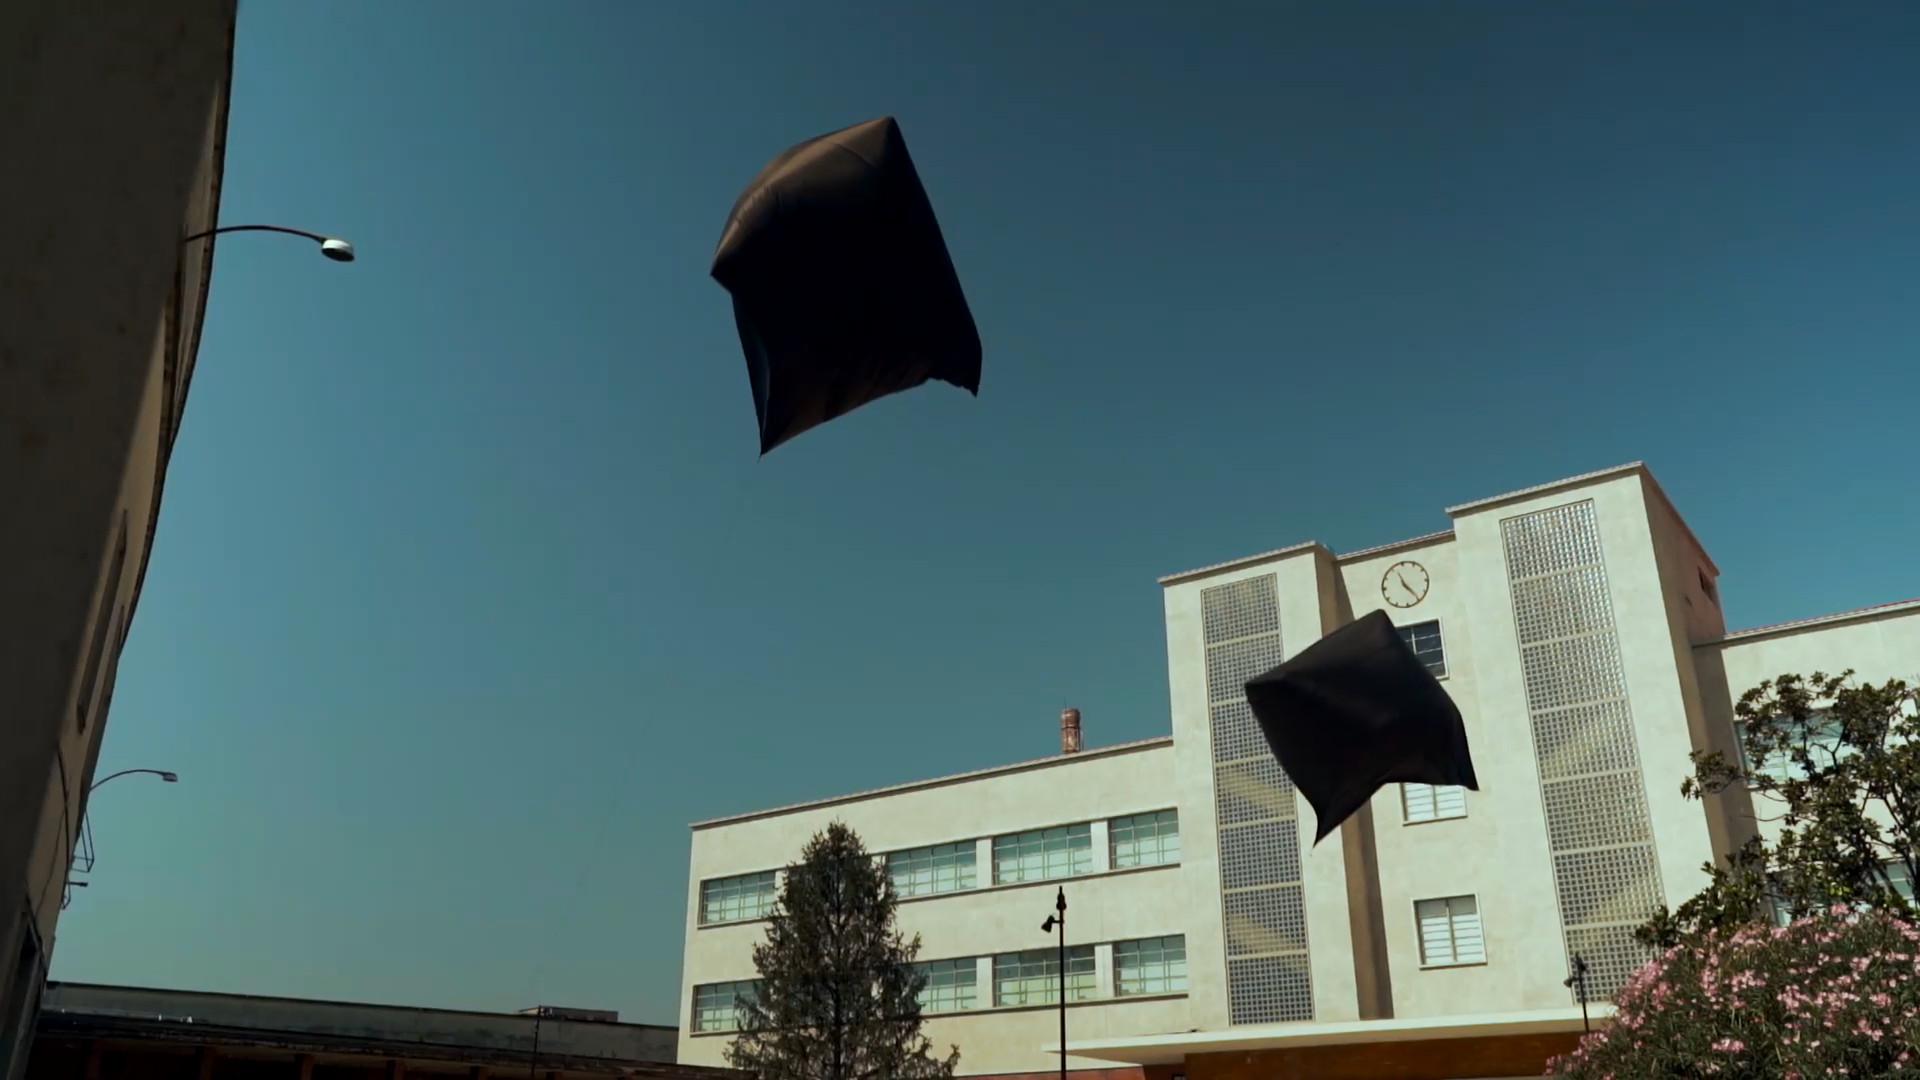 Aerocene - le sculture in volo a Firenze di Tomas Saraceno